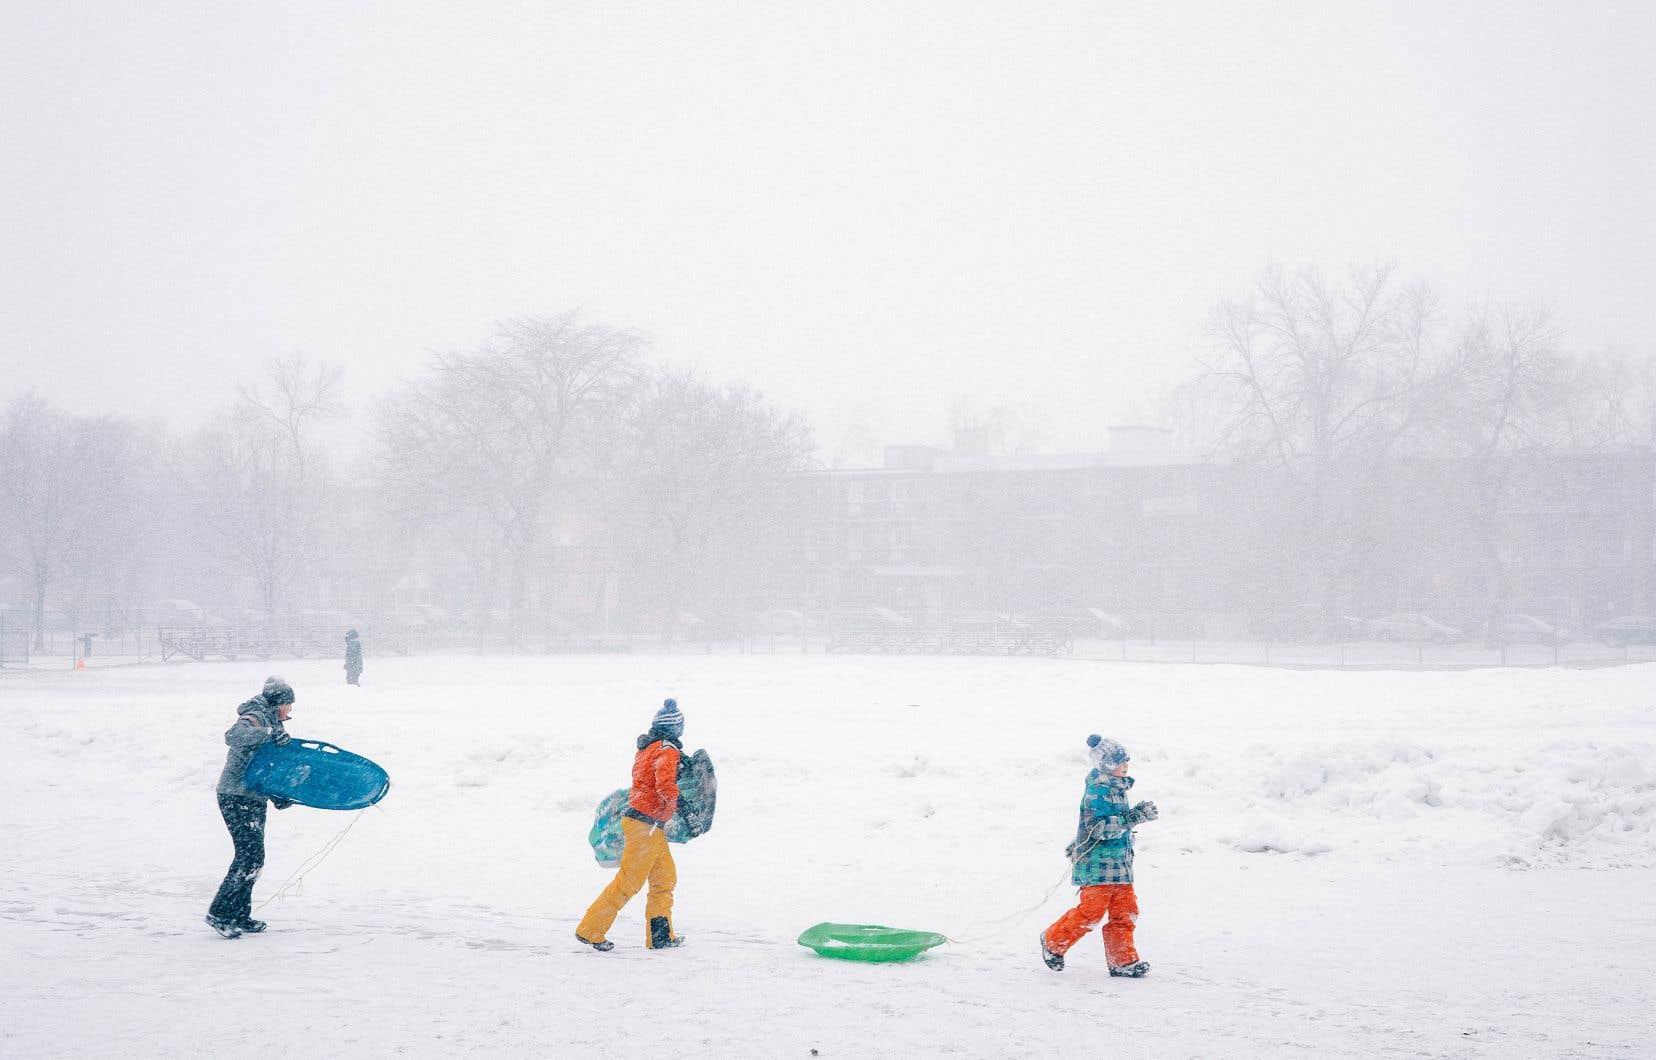 La neige a tardé à venir cette année. Pendant cette tempête du 30 décembre 2020, les gens se sont rués vers les glissades du parc Pelican et Lafond dans le quartier Rosemont.